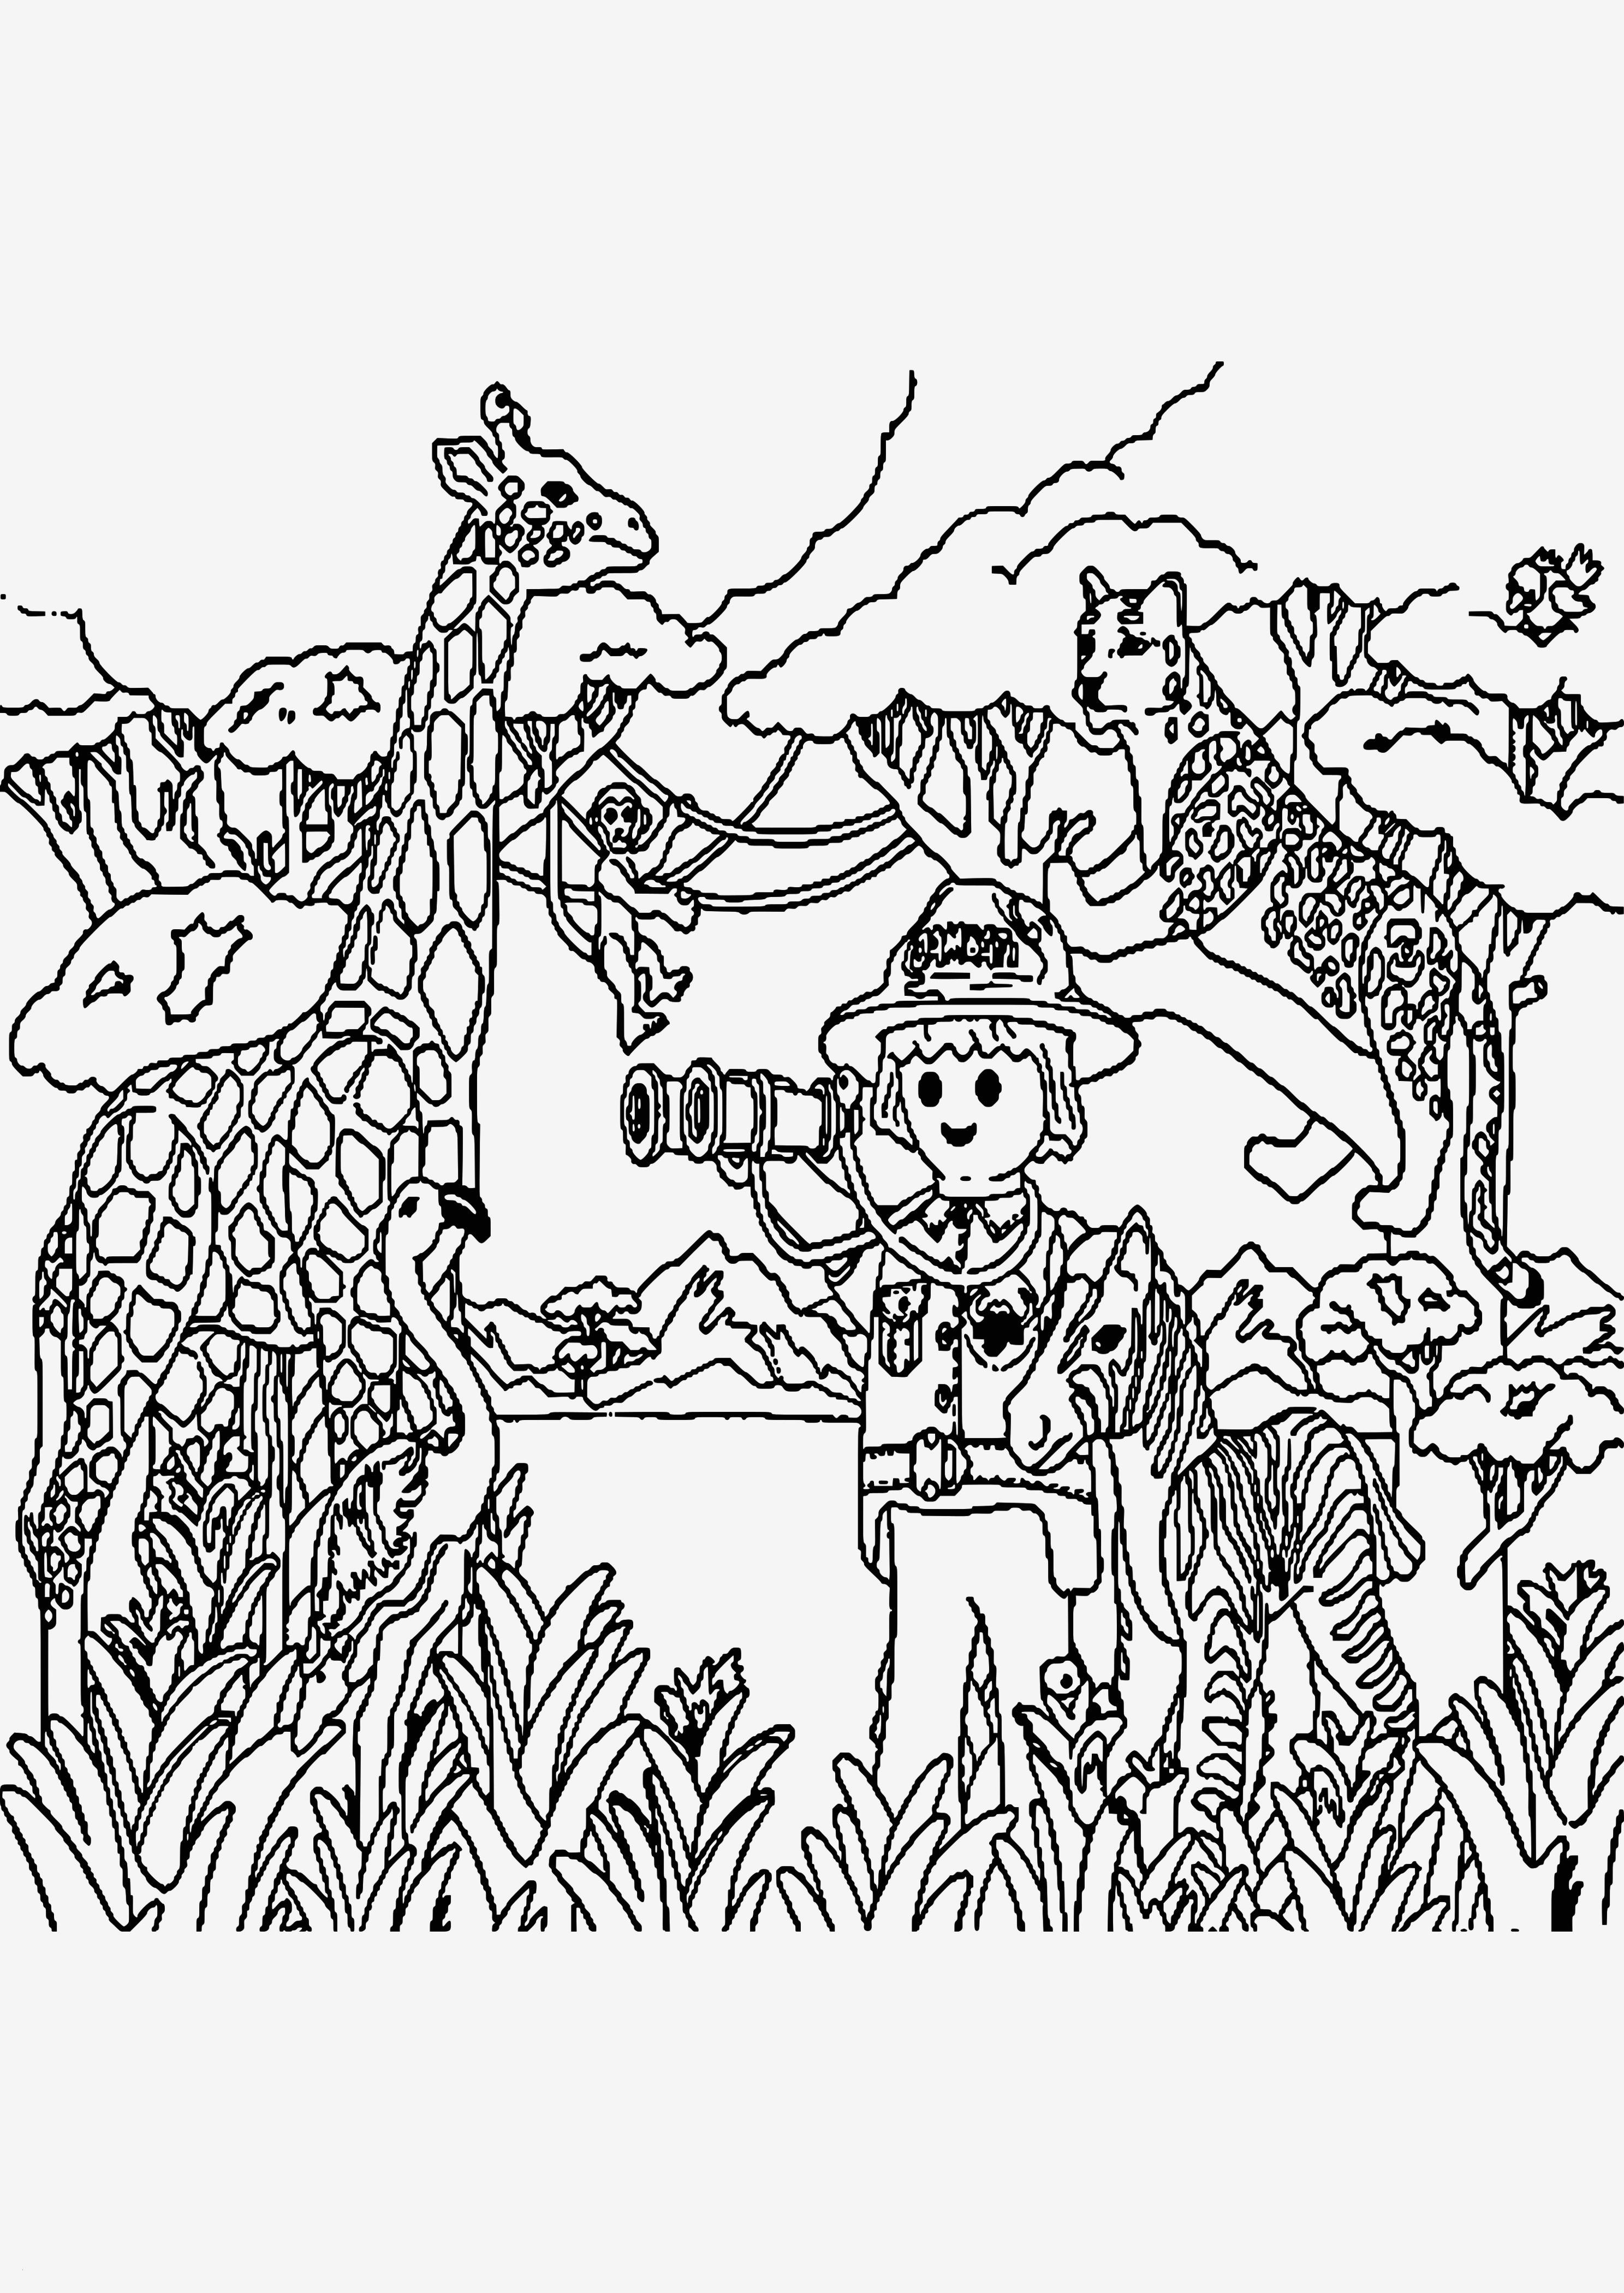 Manuel Neuer Ausmalbilder Das Beste Von Verschiedene Bilder Färben Ausmalbilder Waldtiere Sammlung